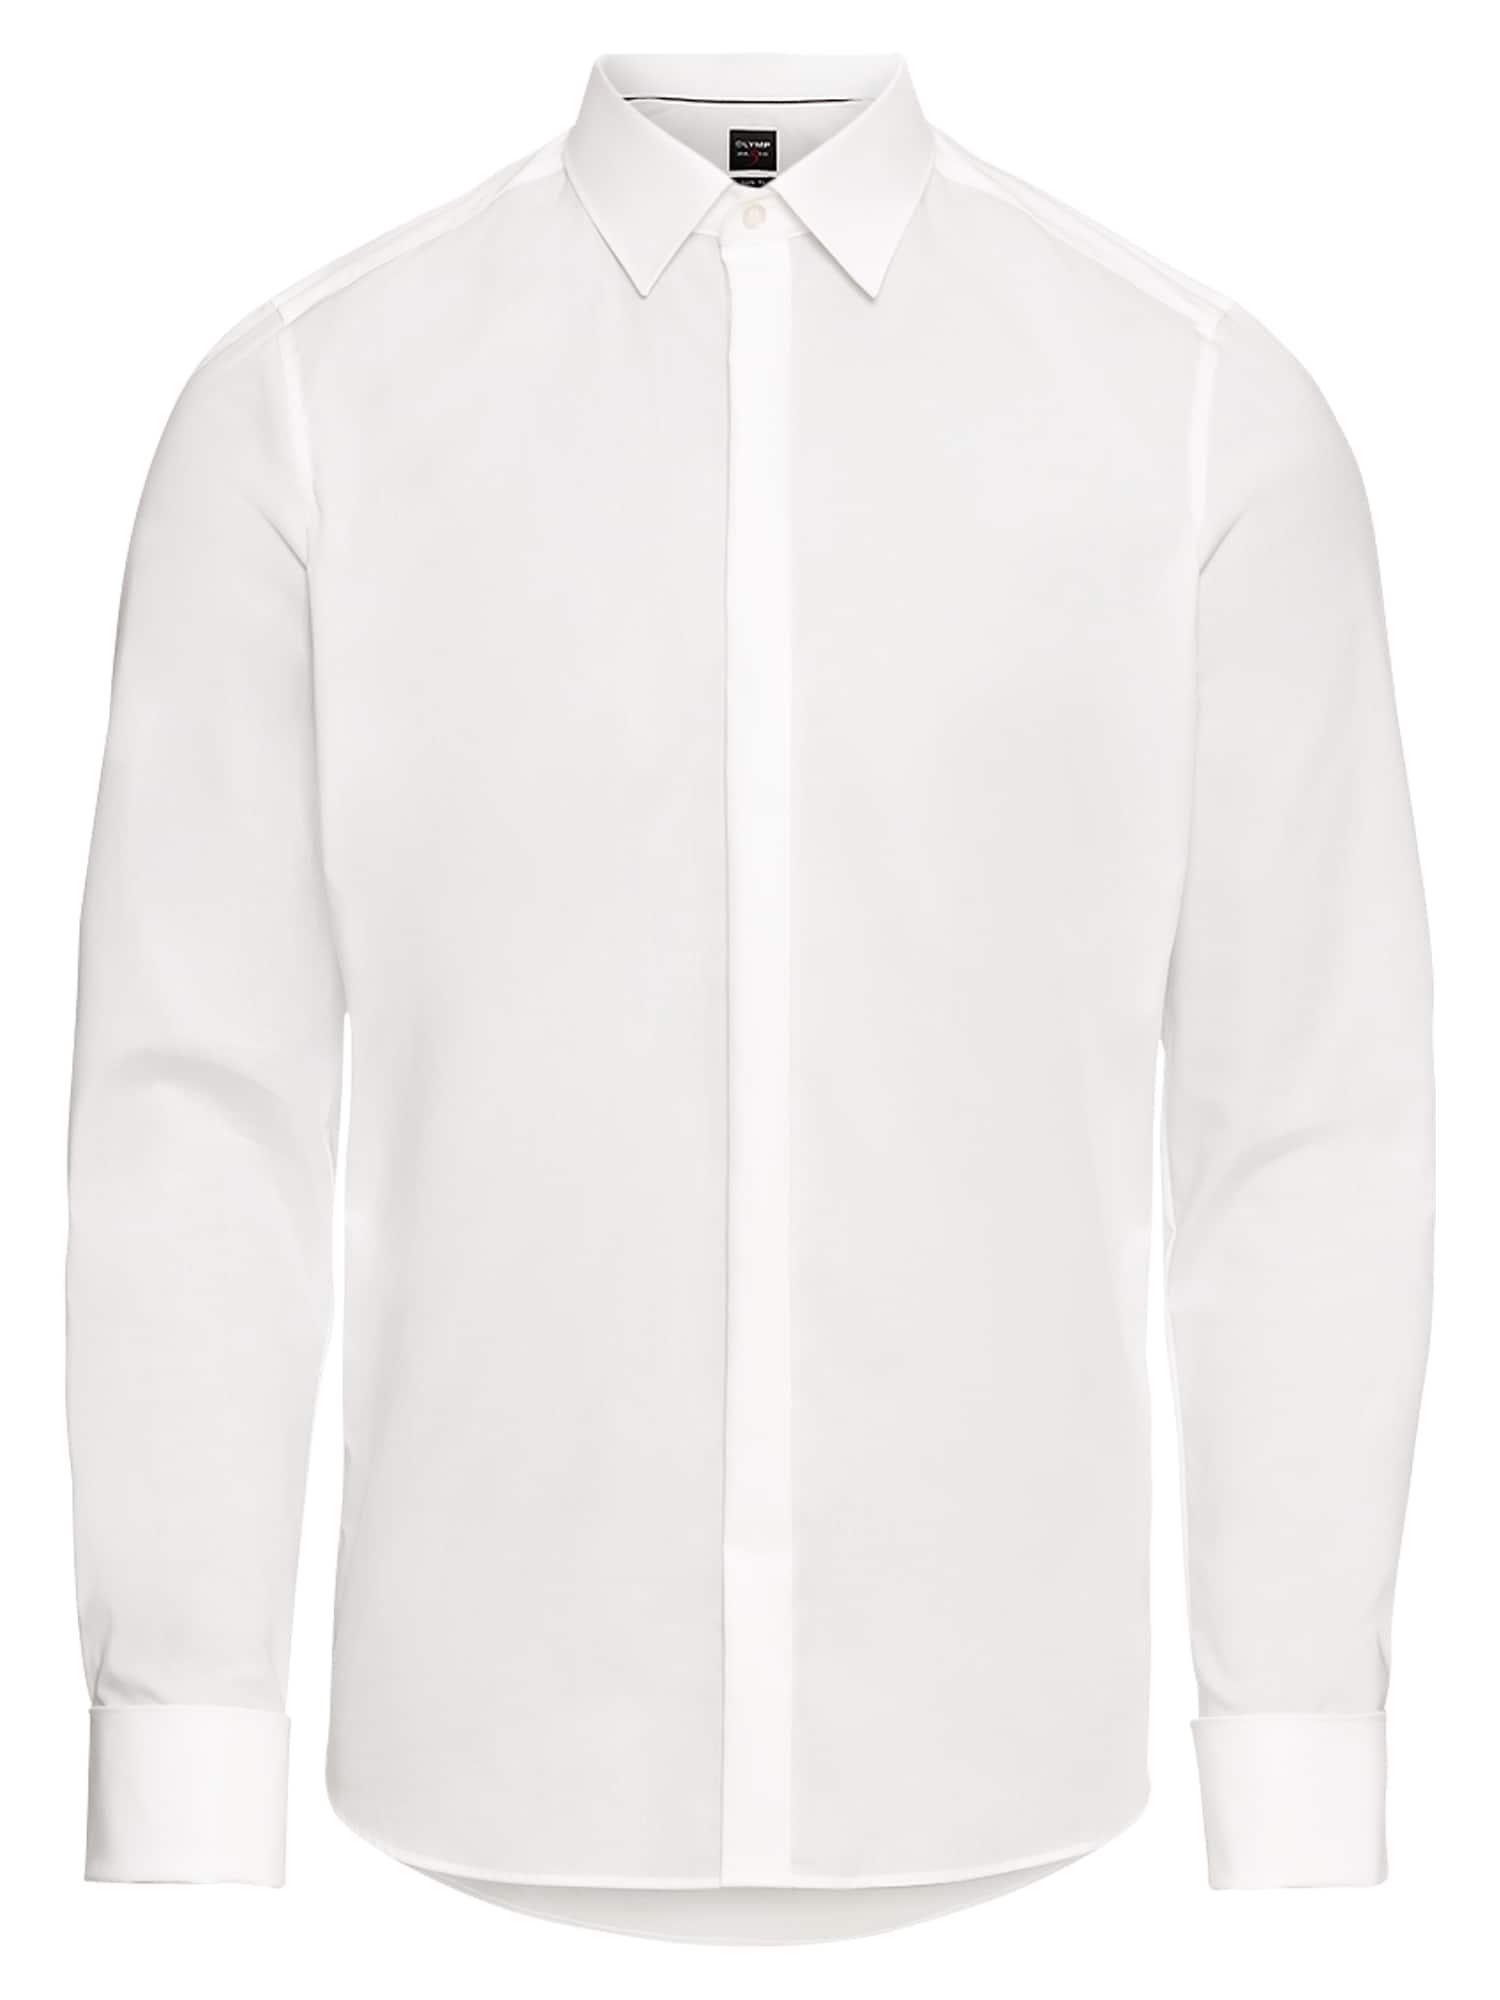 Společenská košile Soiree Lvl 5 Uni Pop perlově bílá OLYMP